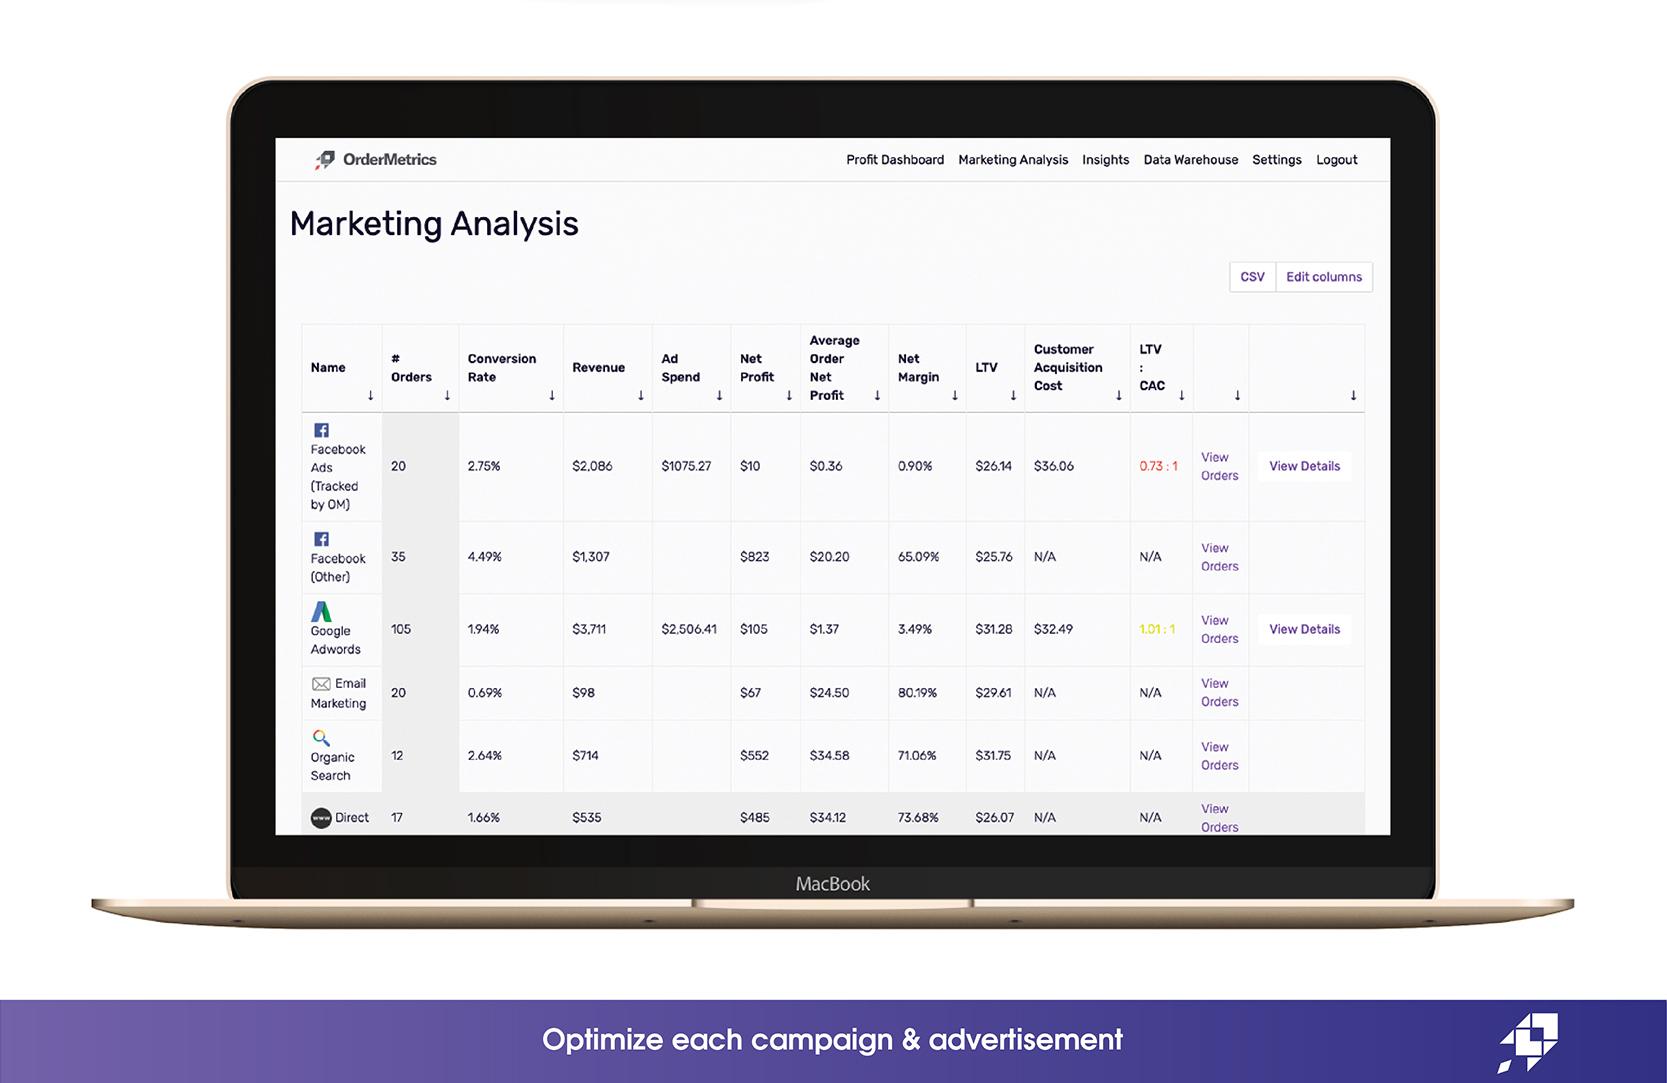 Optimize each campaign & advertisement